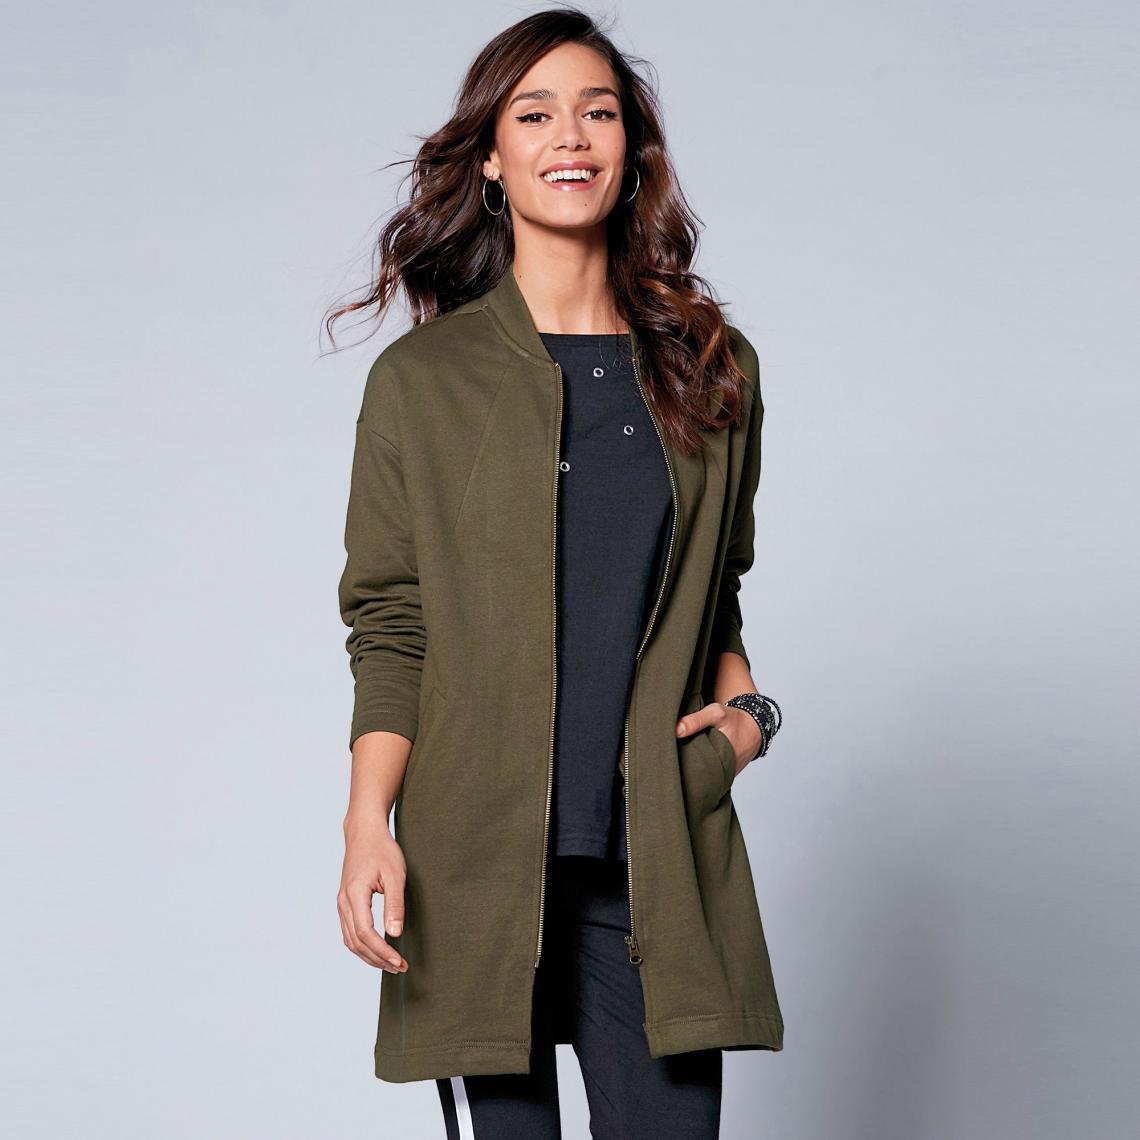 Manteau zippé col rond manches longues et poches - 3 SUISSES - Modalova